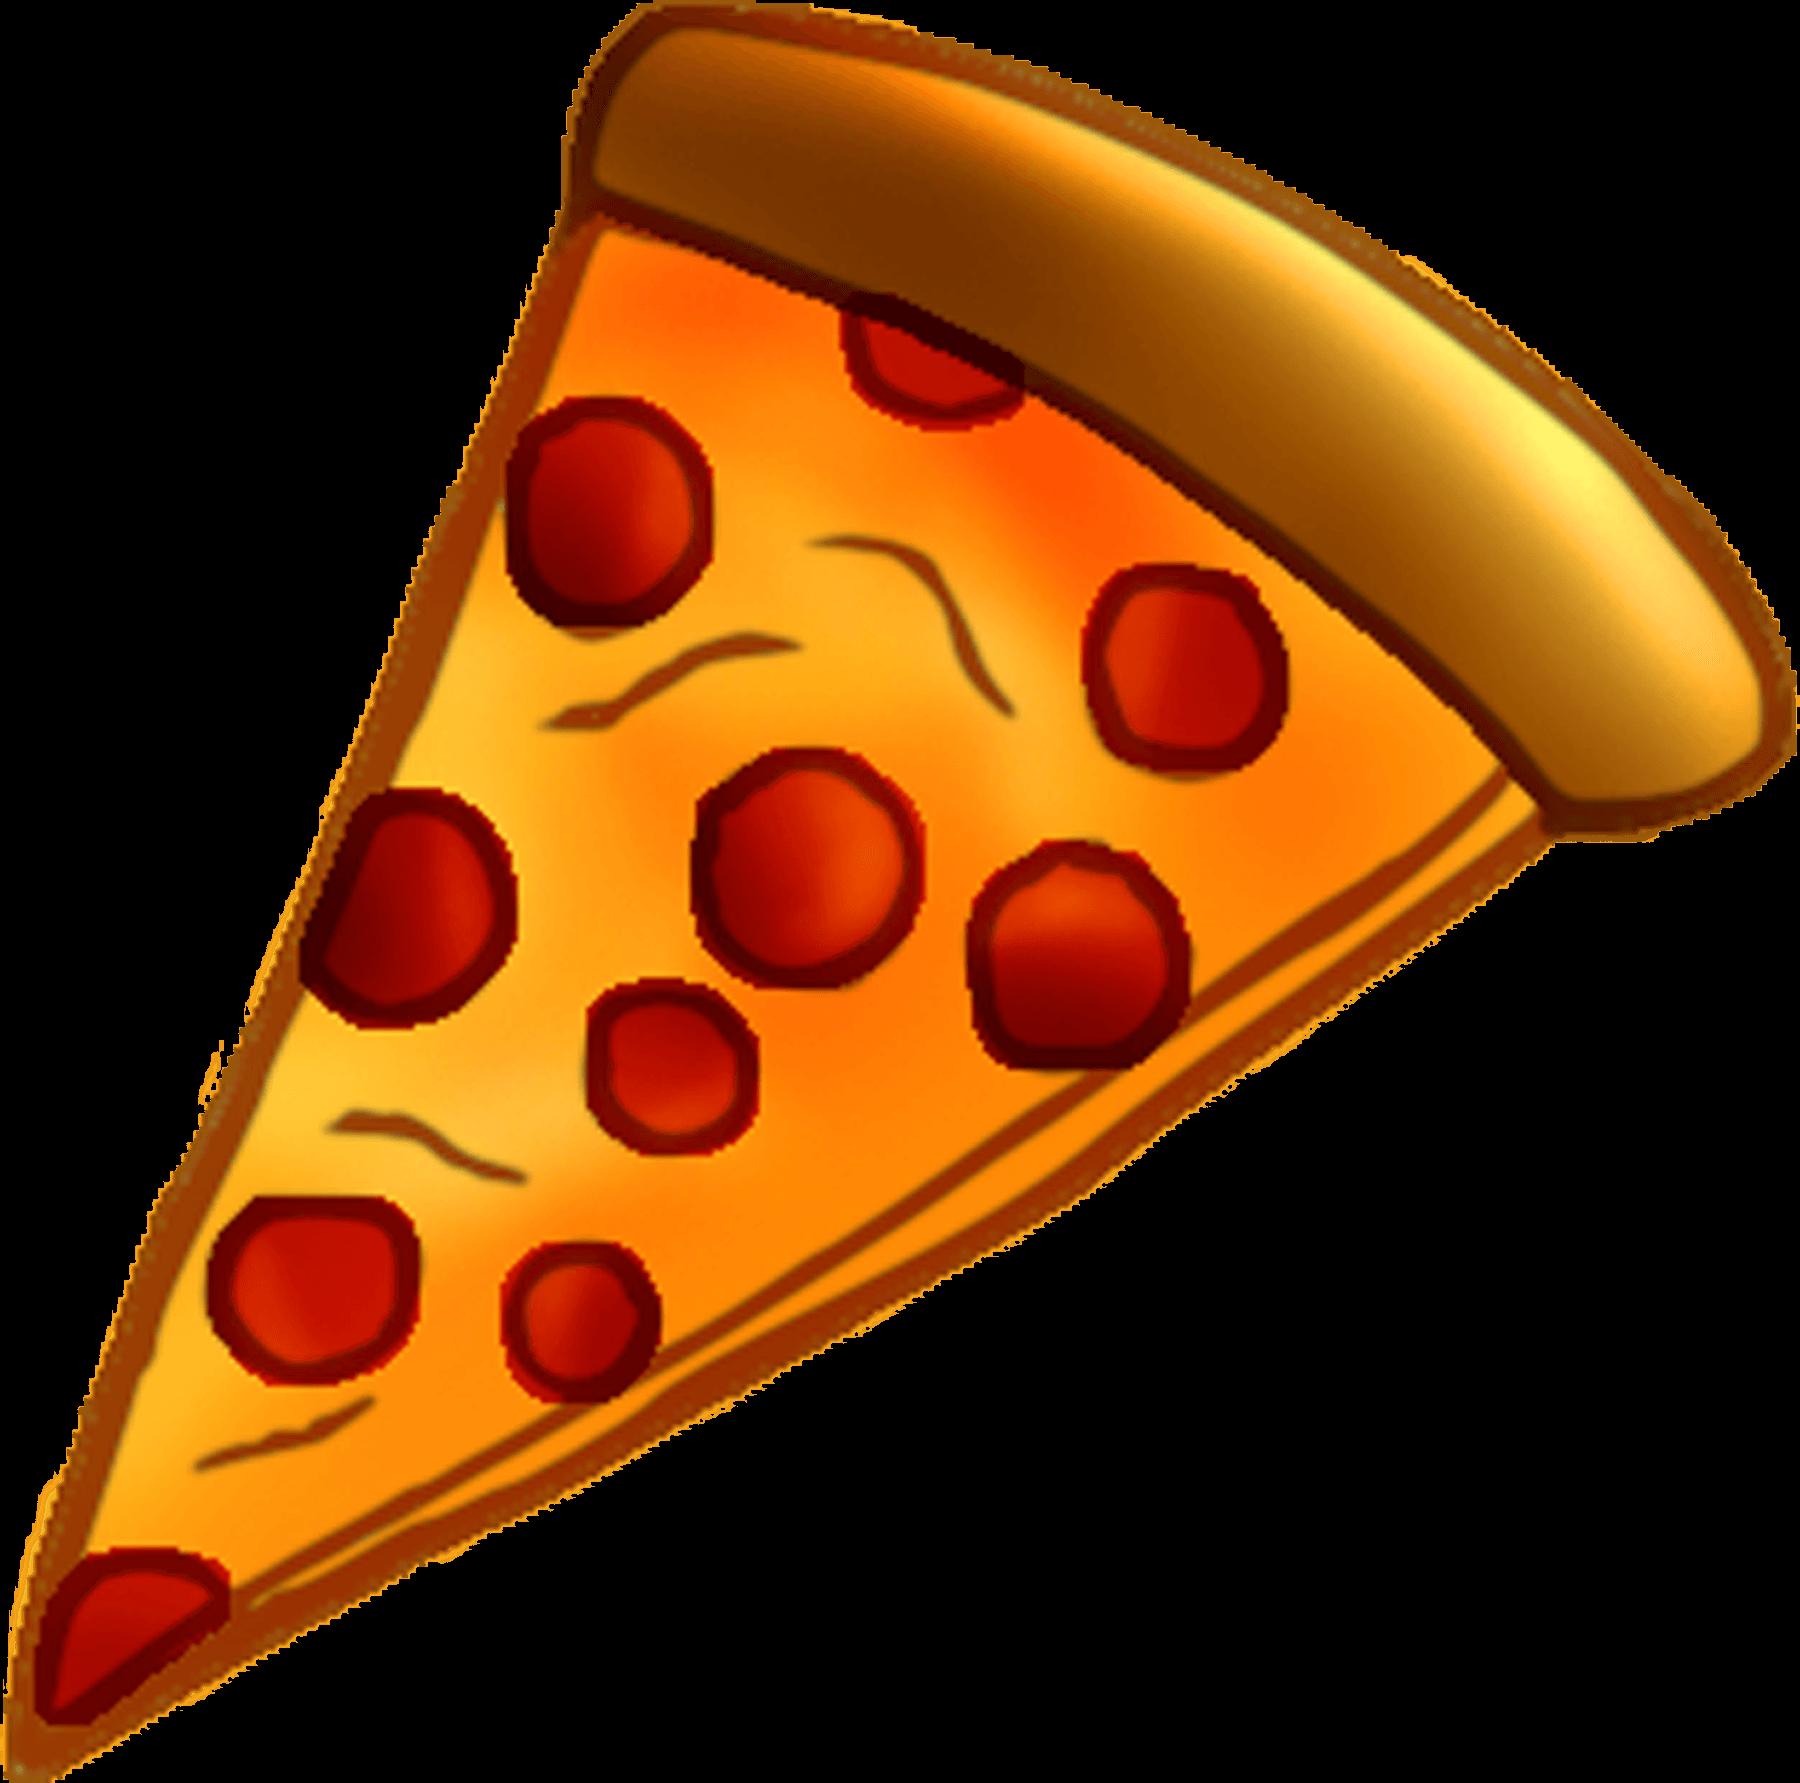 1800x1783 Pizza Slice Cliparts